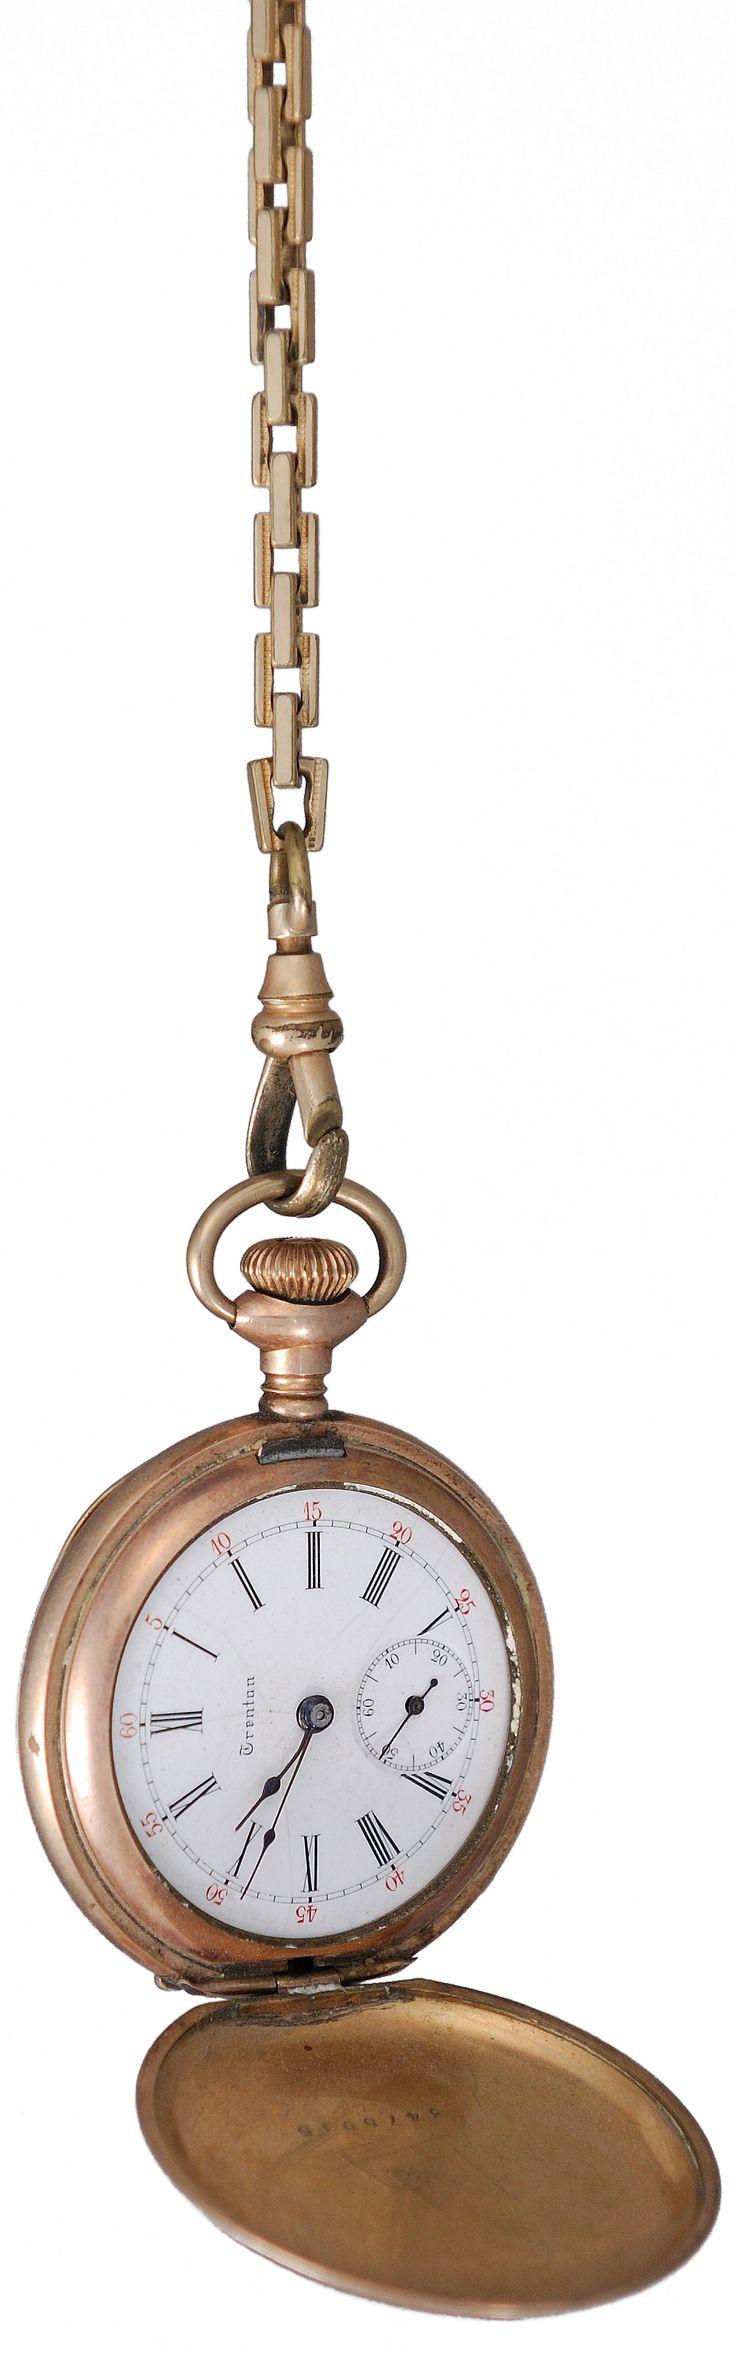 Foto gratis de un reloj antiguo con cadena > http://imagenesgratis.eu/imagen-gratis-de-un-reloj-antiguo/